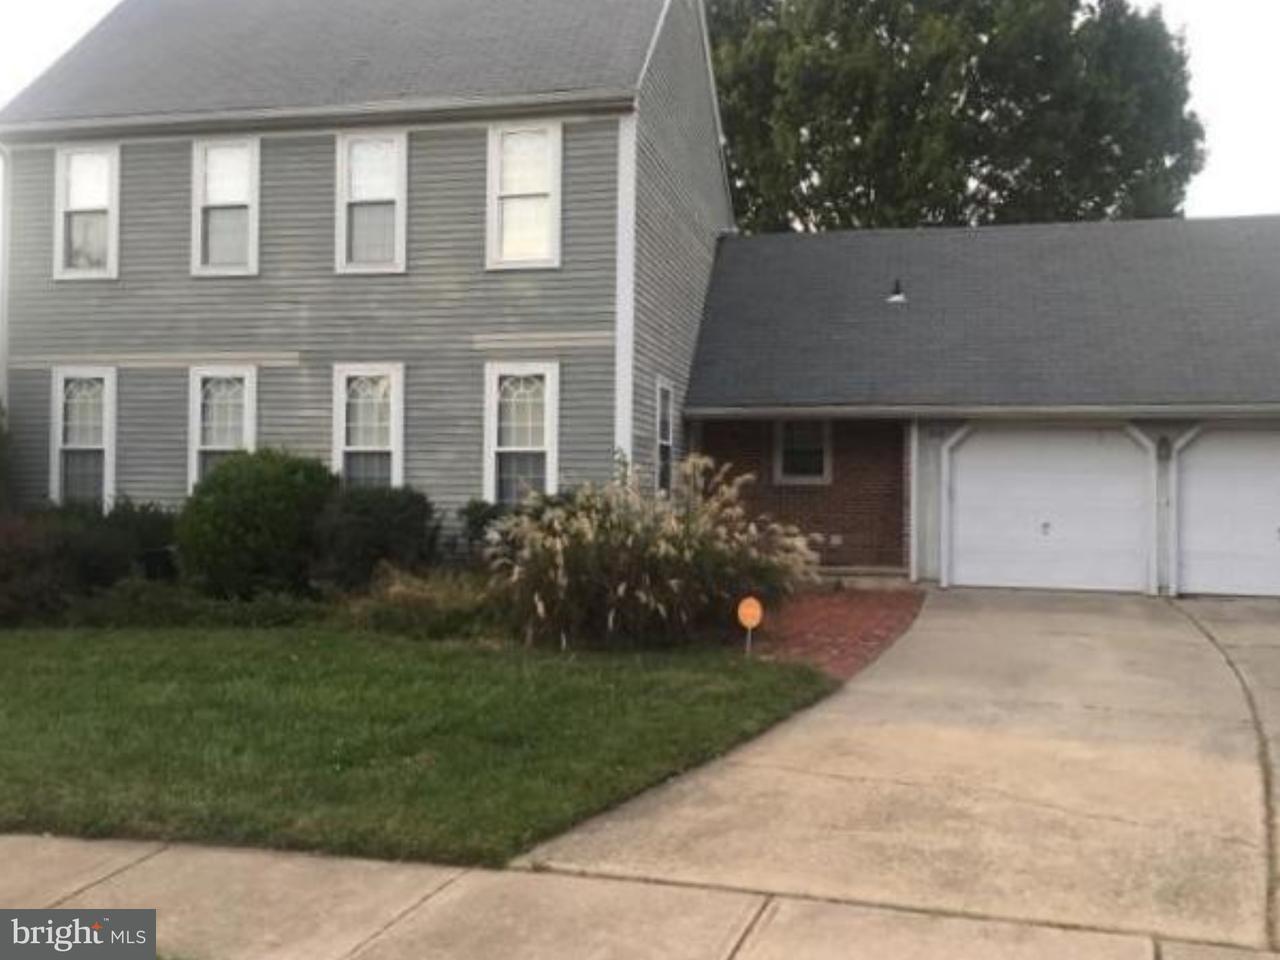 Maison unifamiliale pour l Vente à 25 APPLE WAY Marlton, New Jersey 08053 États-Unis